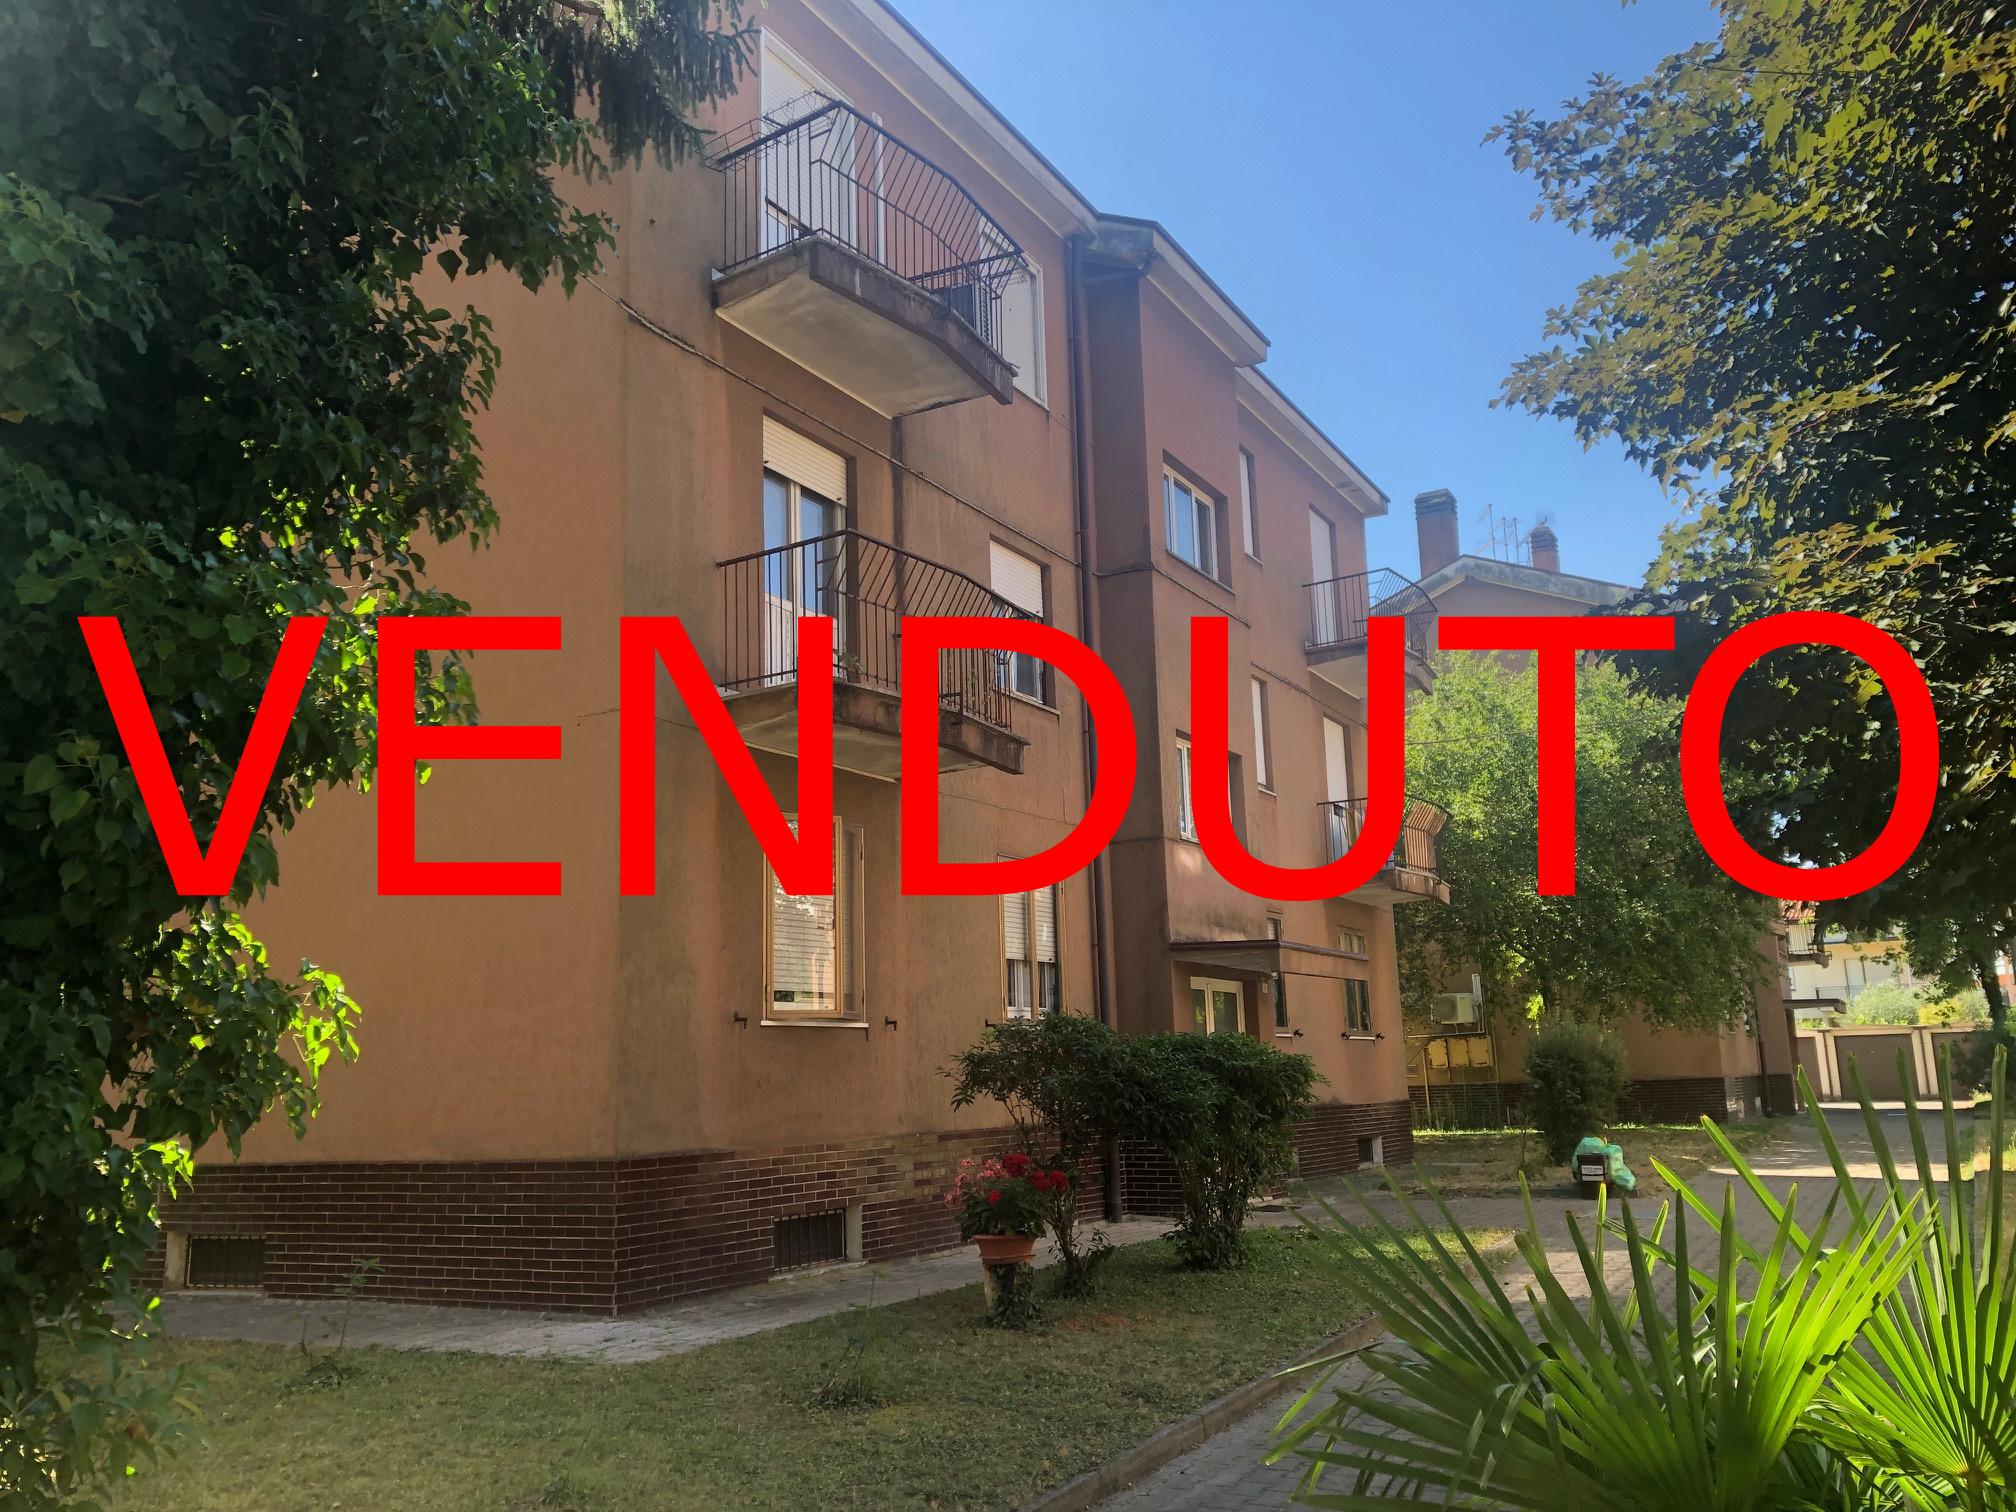 – VENDUTO – Appartamento bicamere a Ronchi dei Legionari